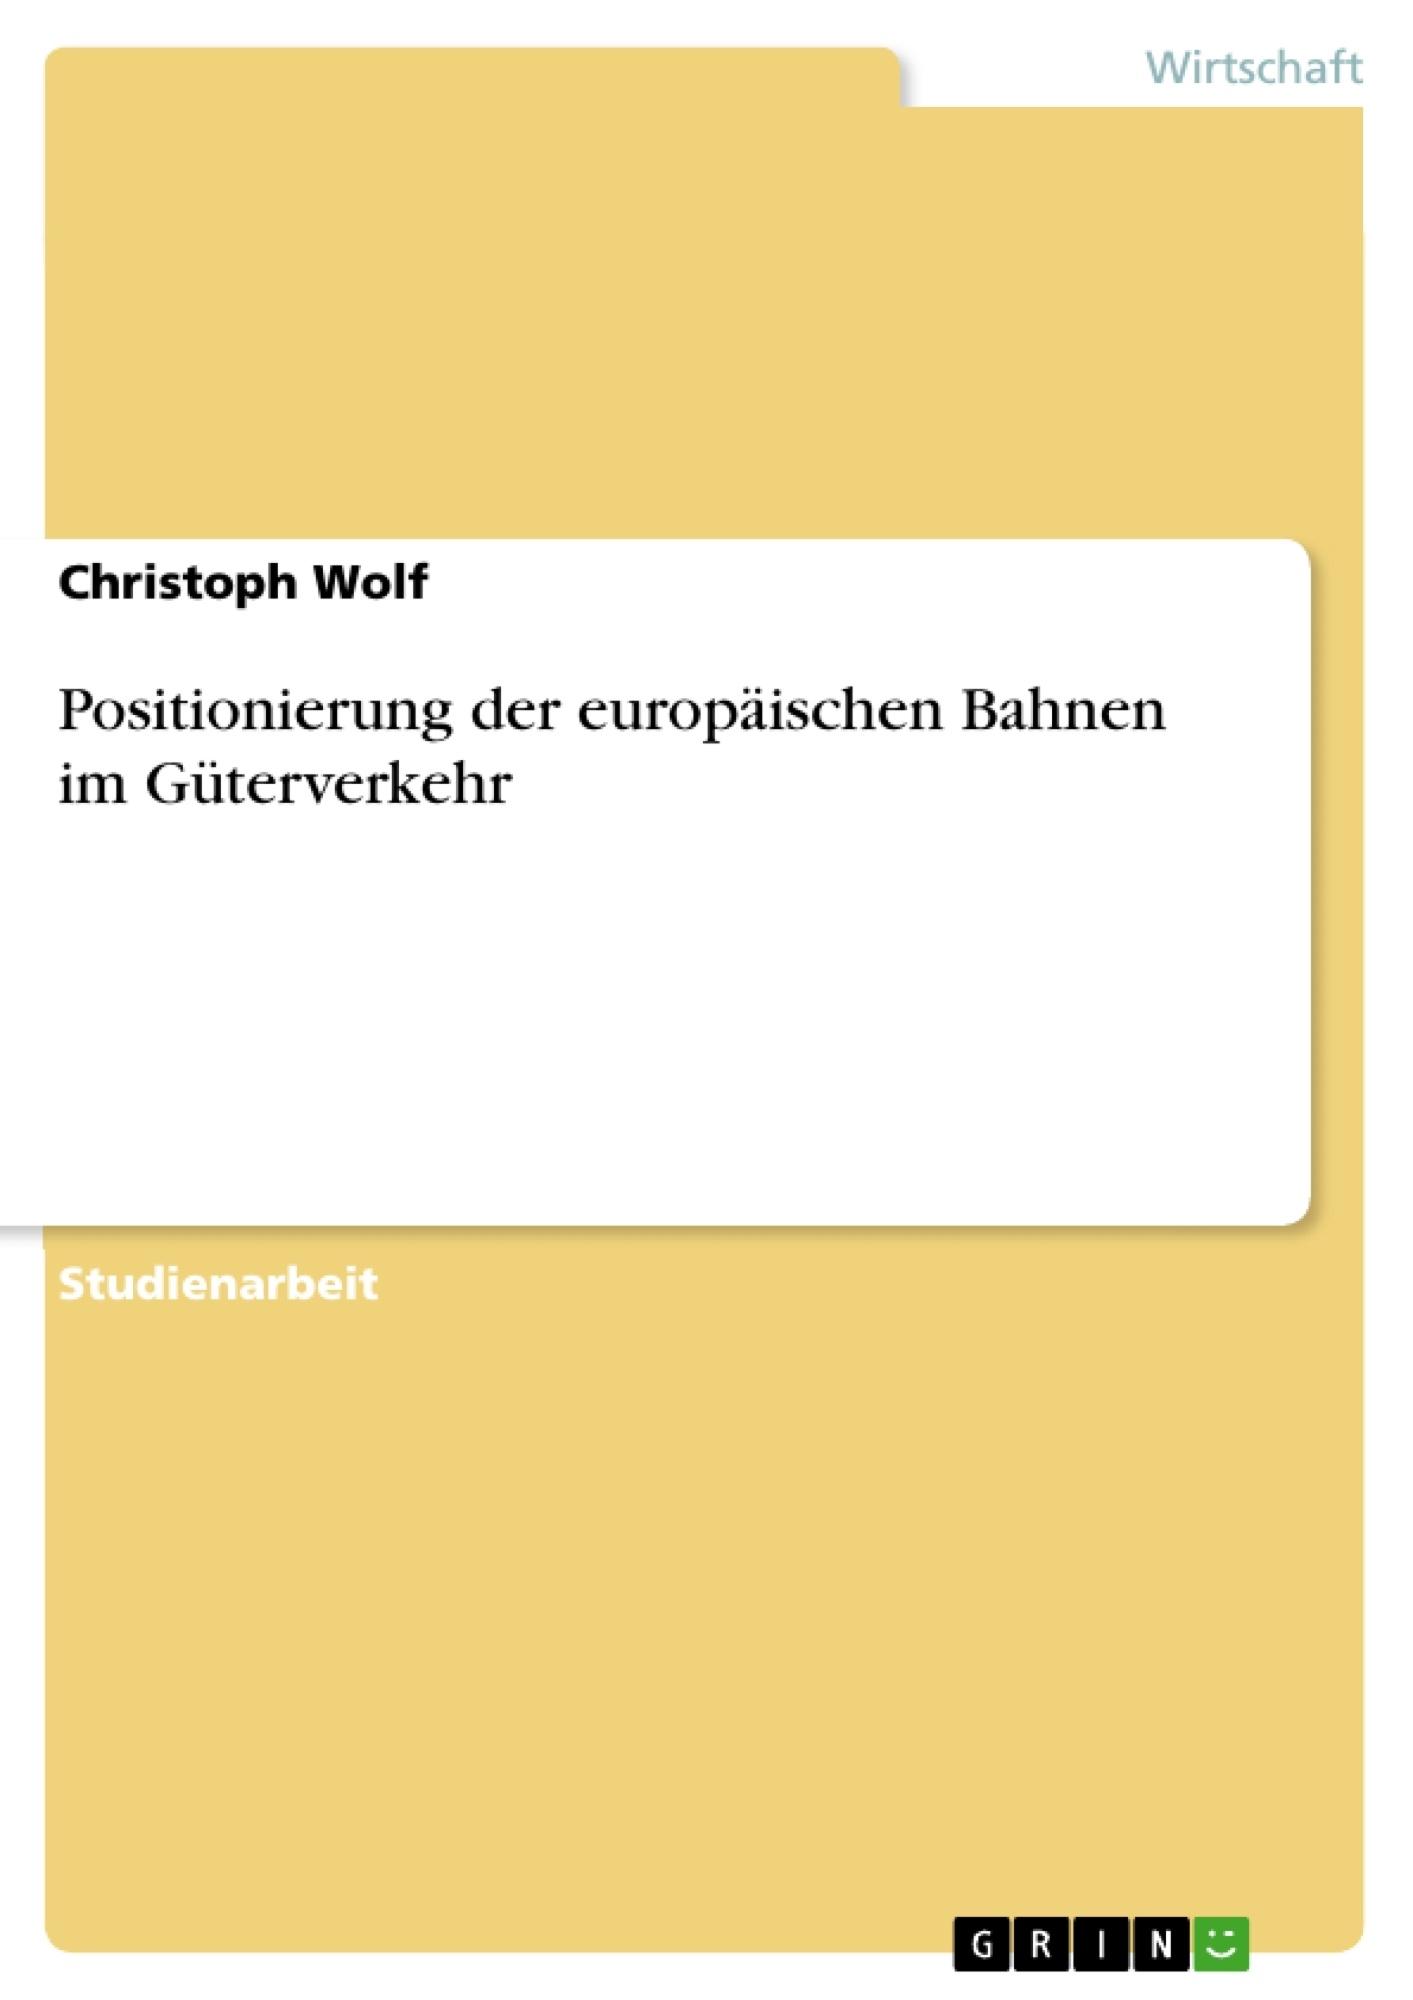 Titel: Positionierung der europäischen Bahnen im Güterverkehr